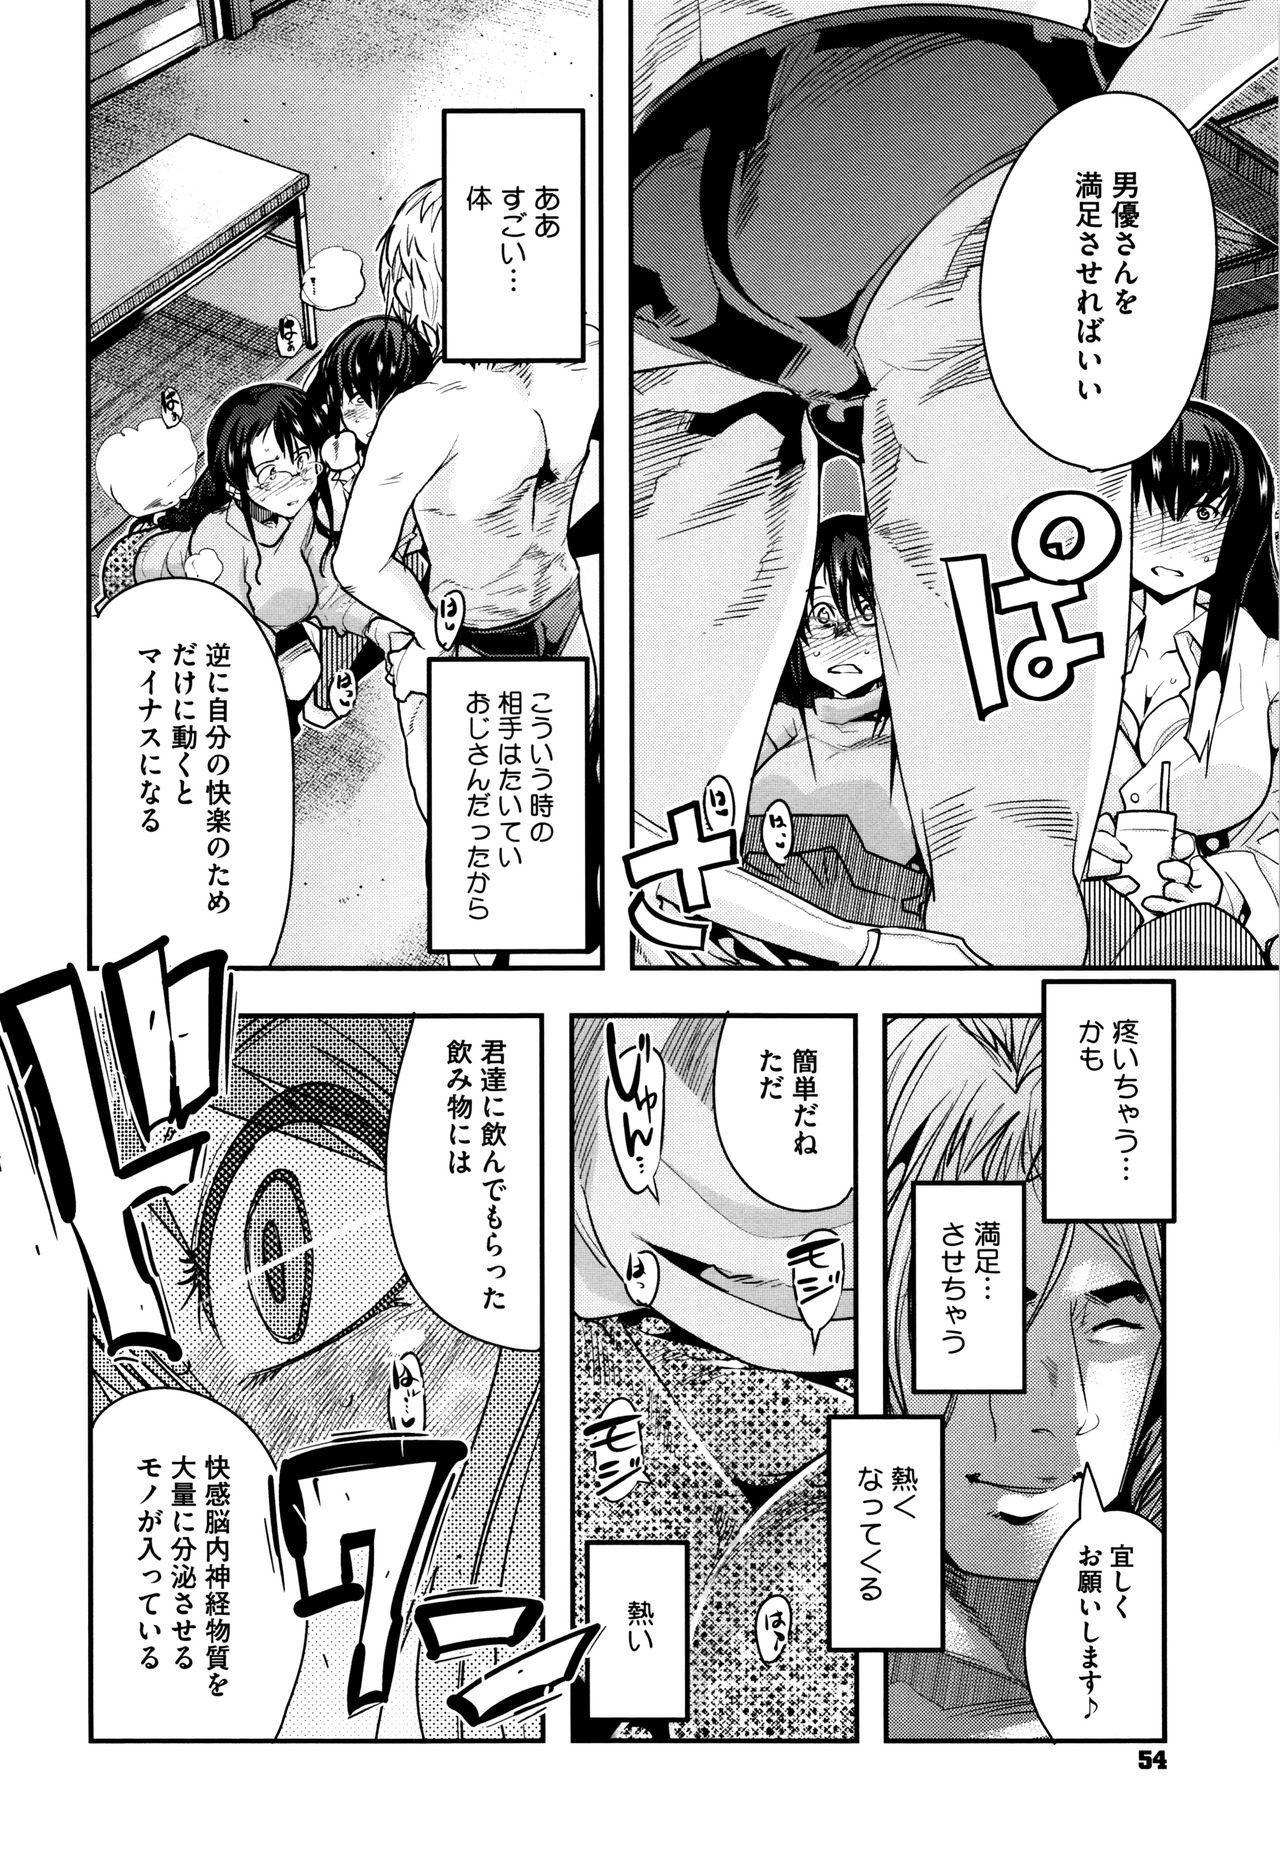 Setsuzoku Sareta Onna 54